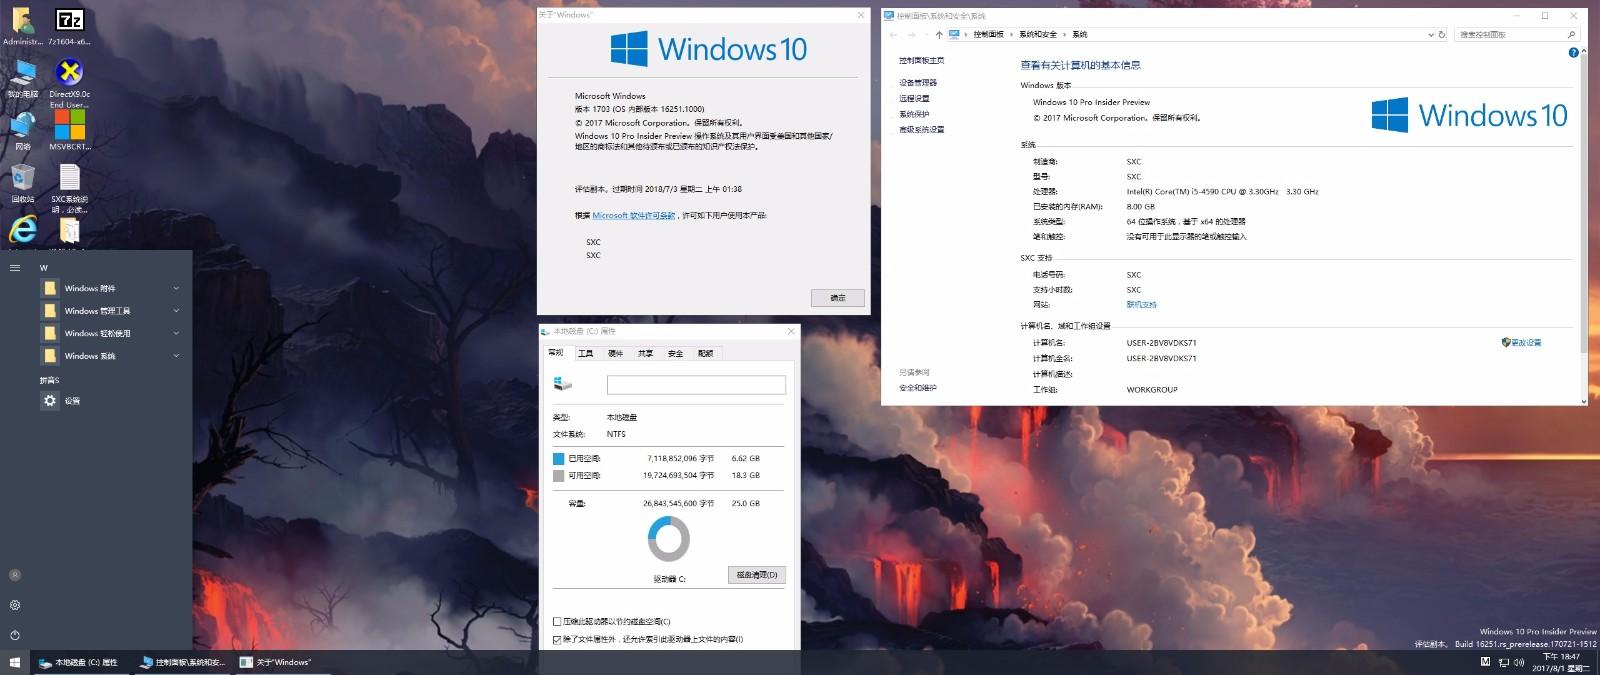 【溯汐潮】Win 10 Pro5 X64 16251 2in1 ESD 究极极限精简